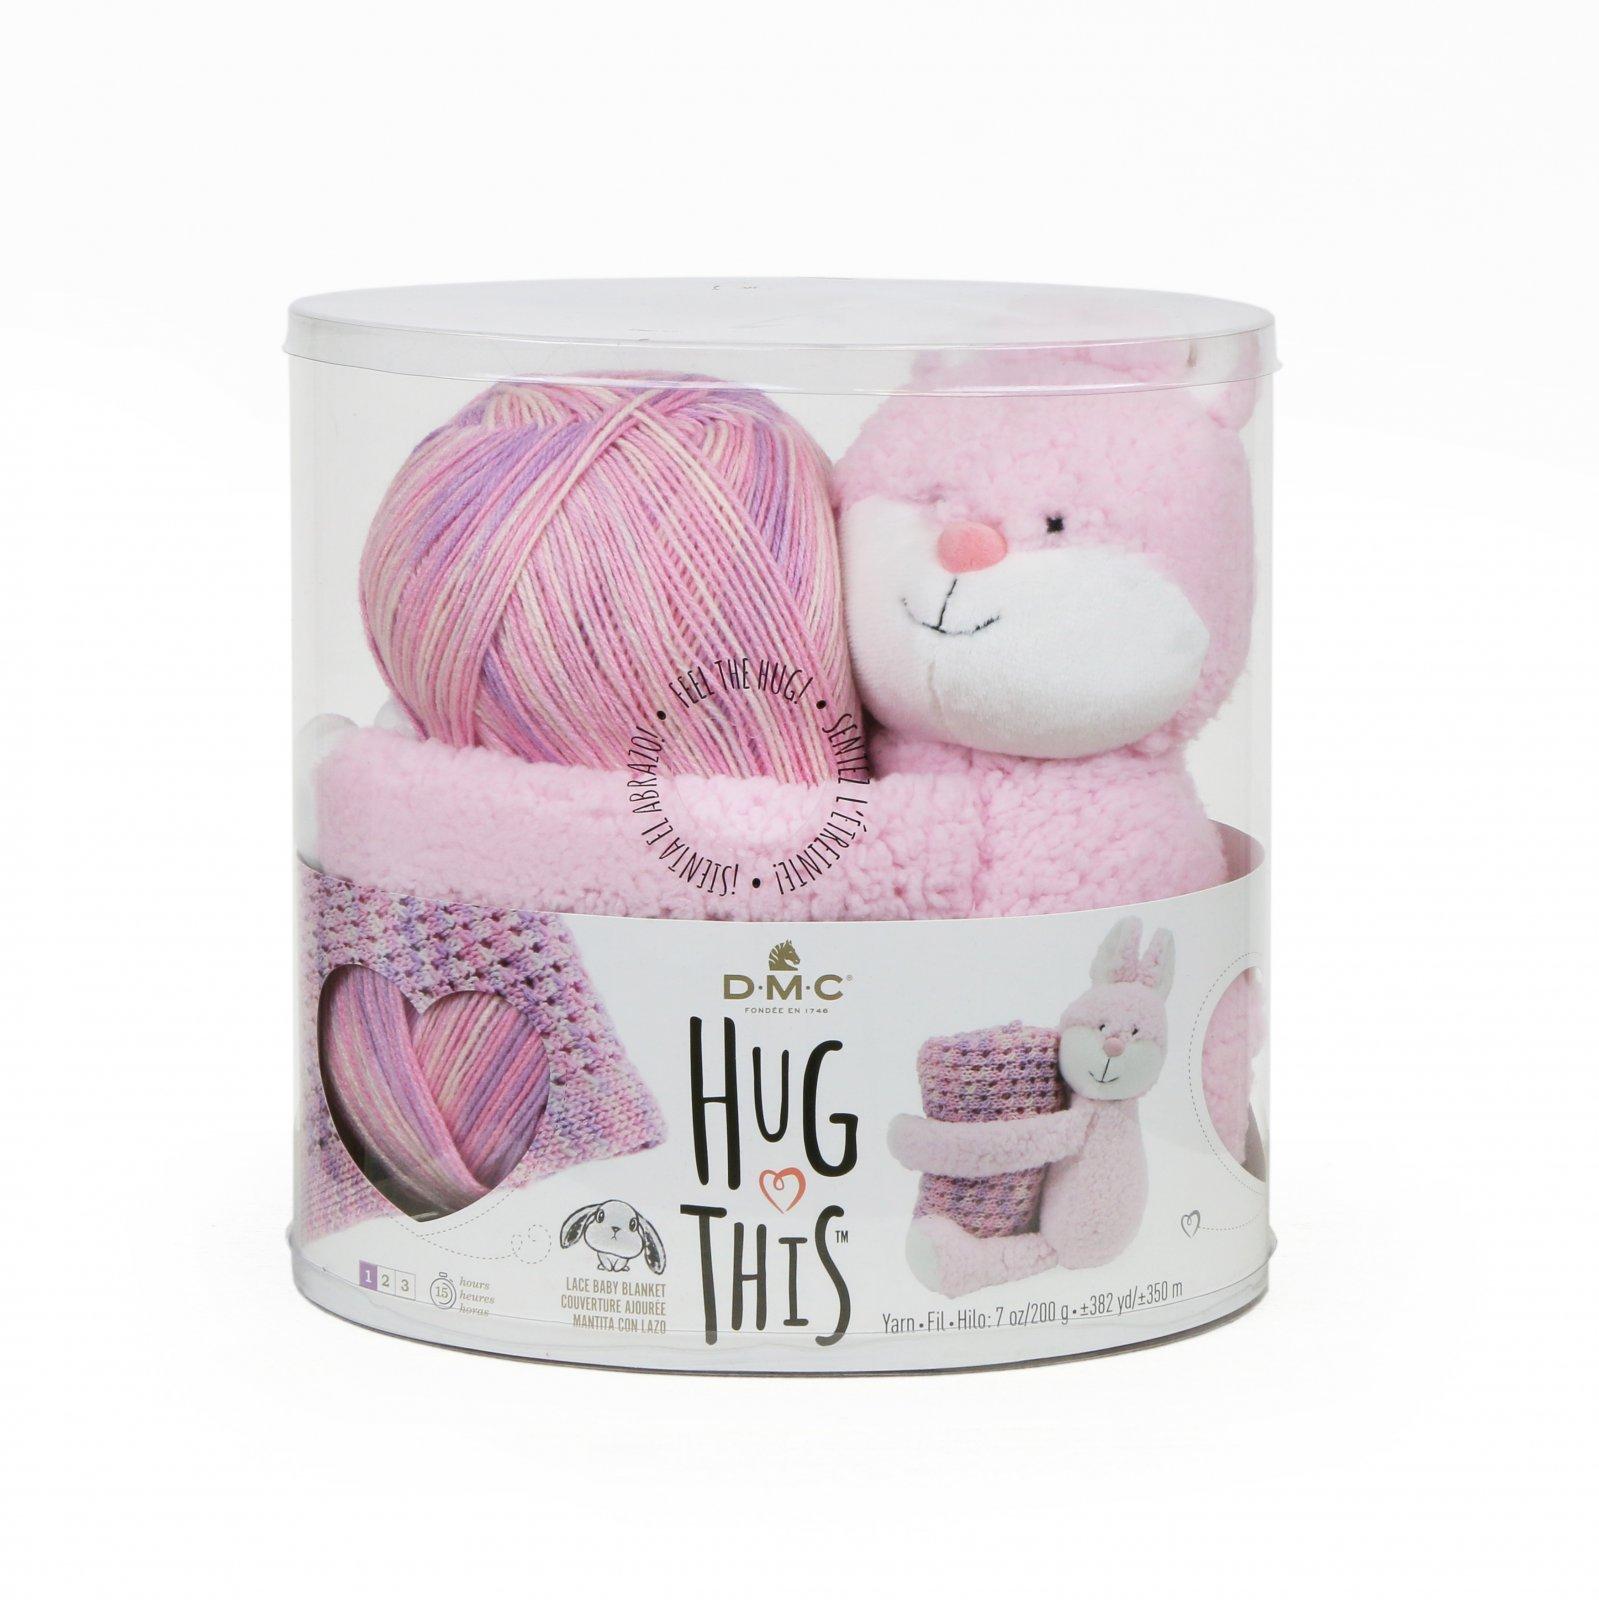 Hug This! Kits